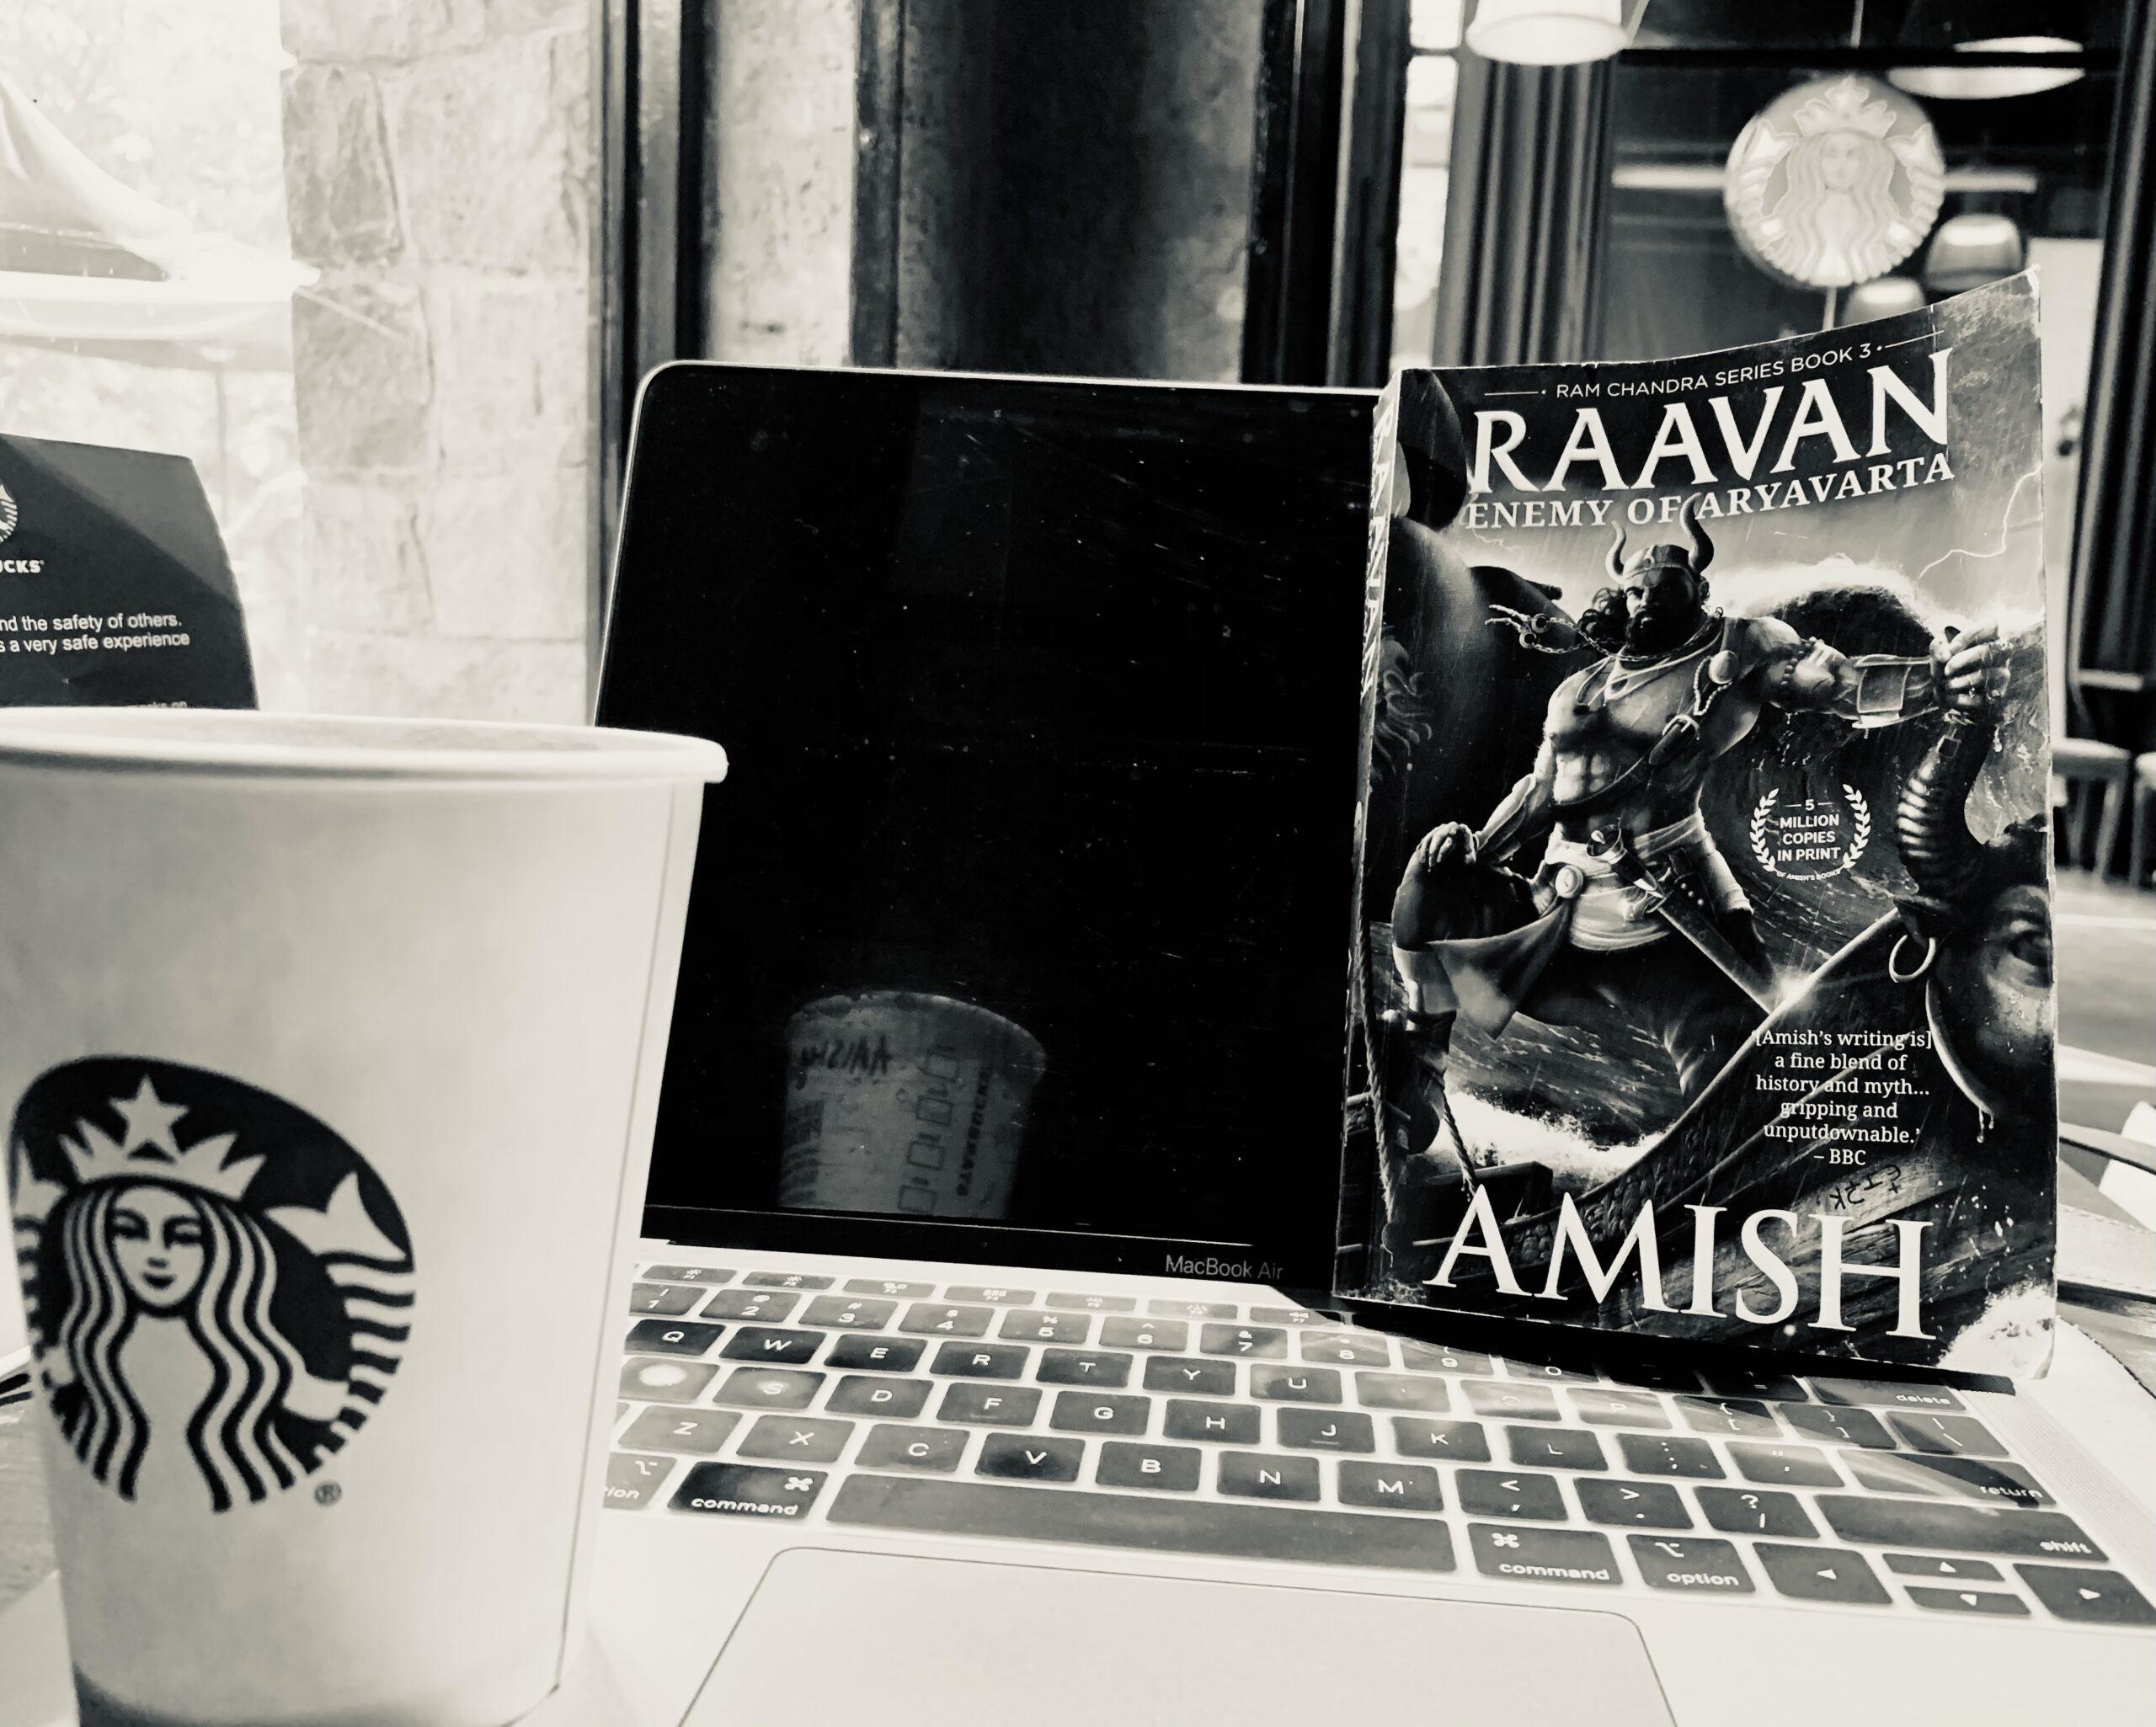 Coffee With Raavan